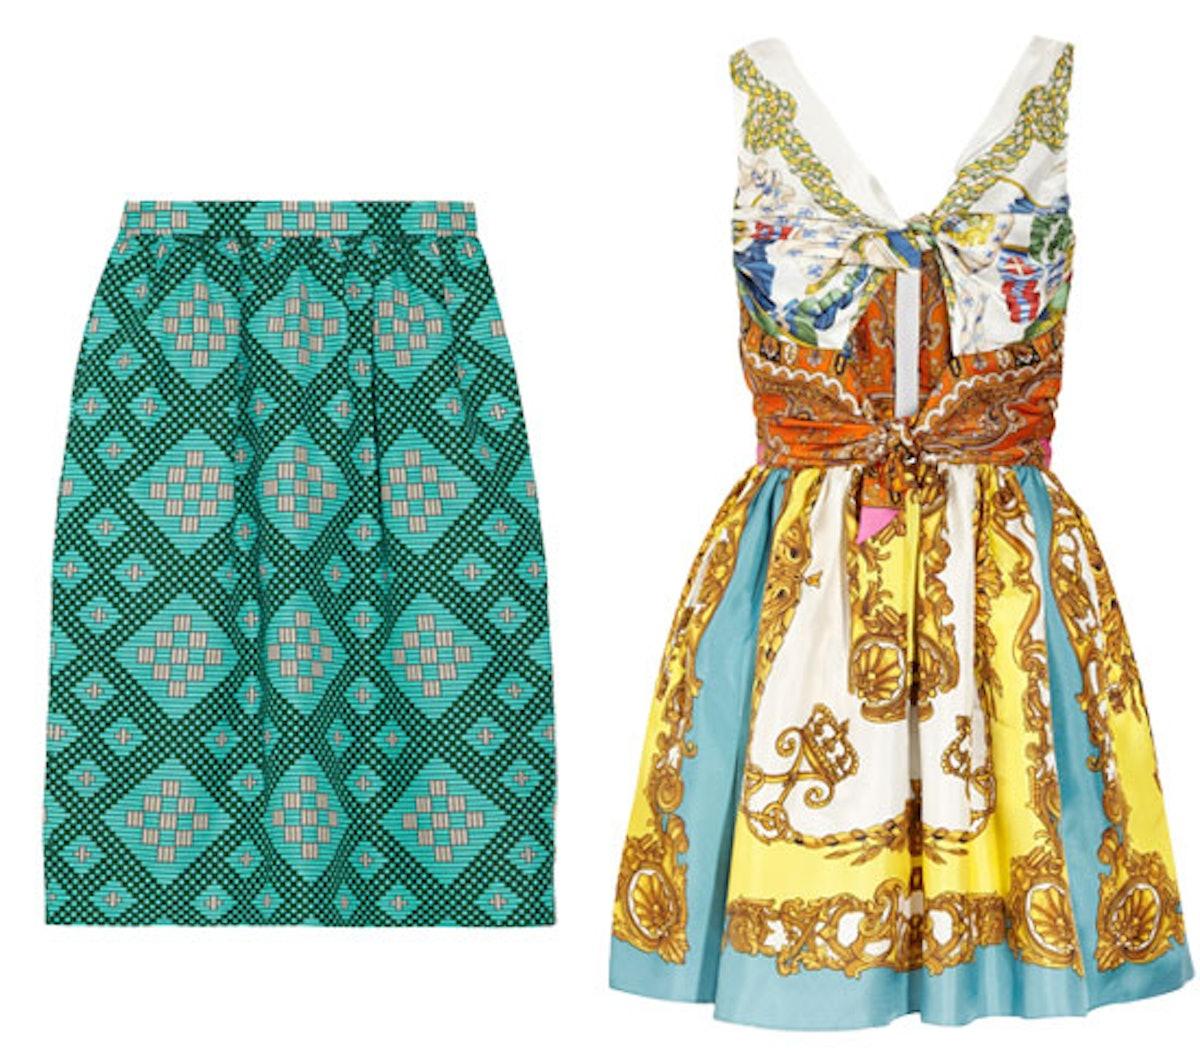 blog-printed-fashion-01.jpg